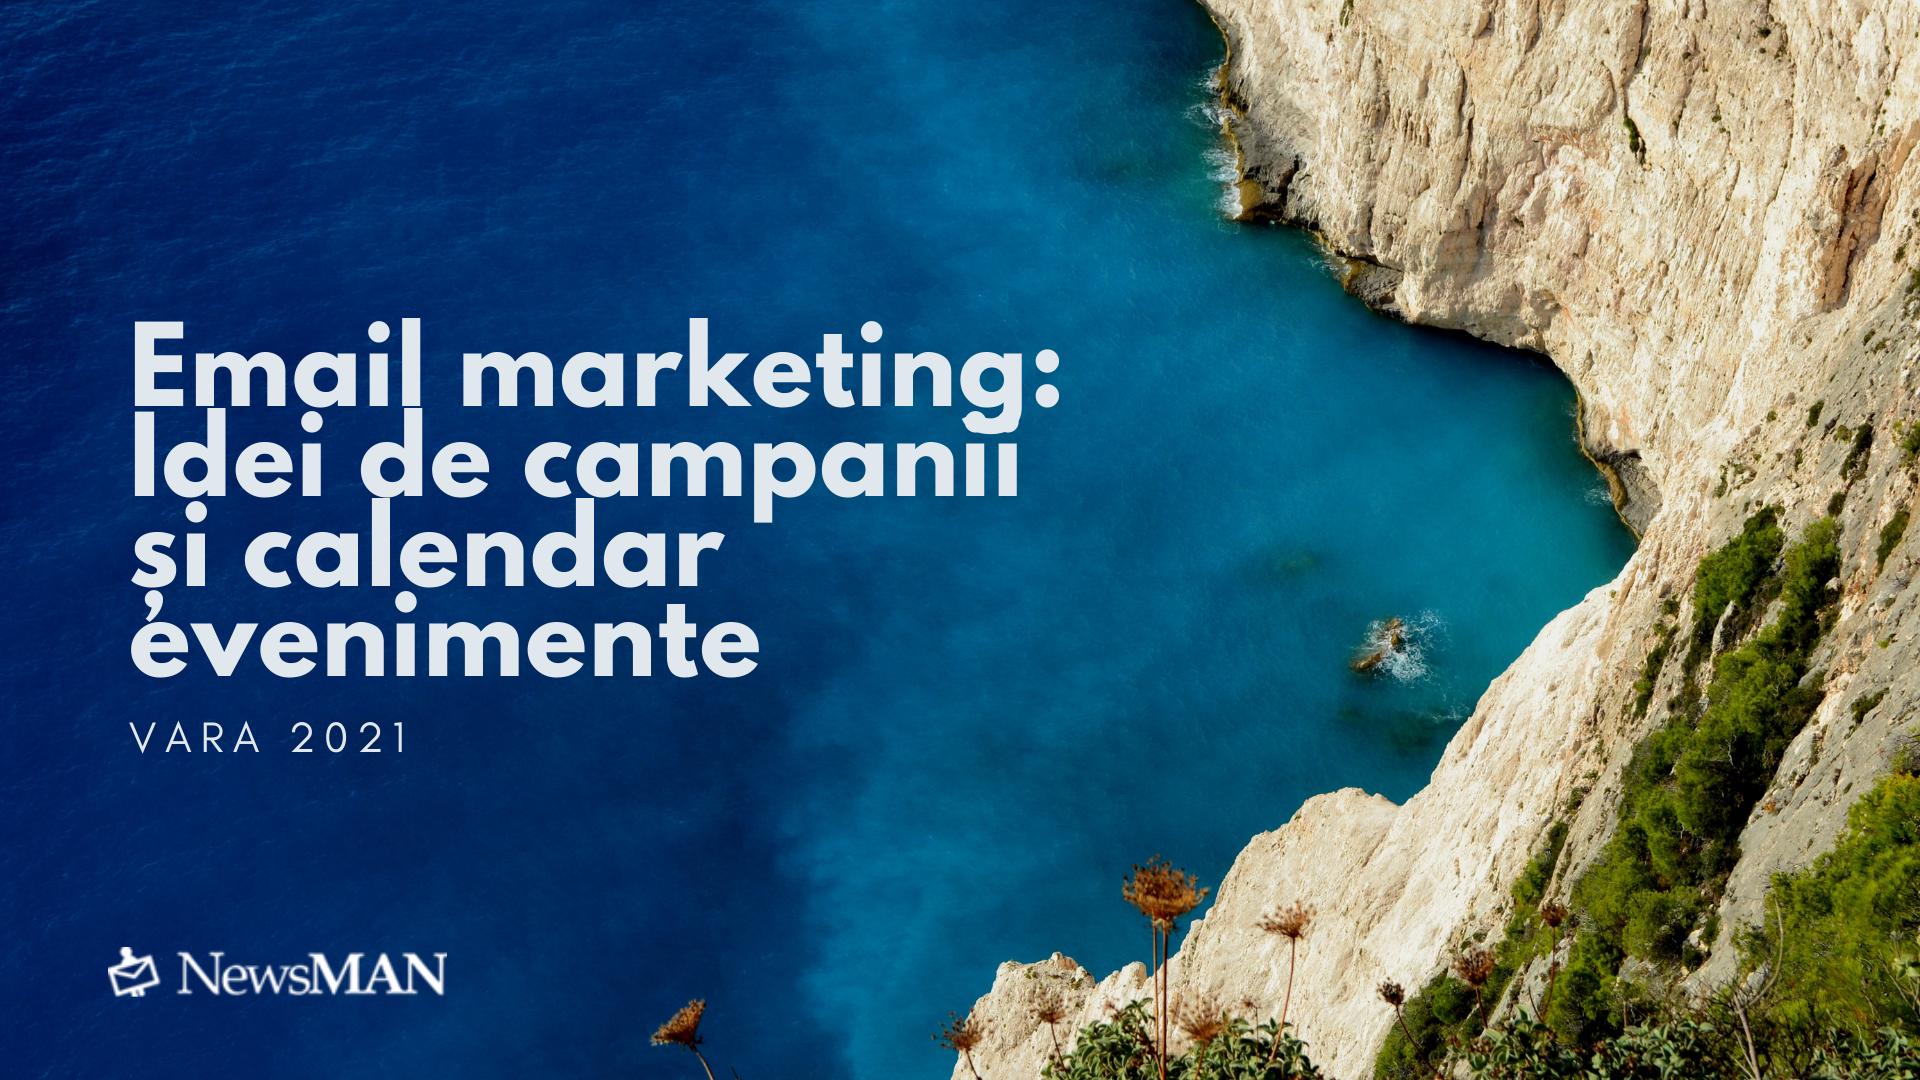 Email marketing de vara: idei de campanii si calendar evenimente